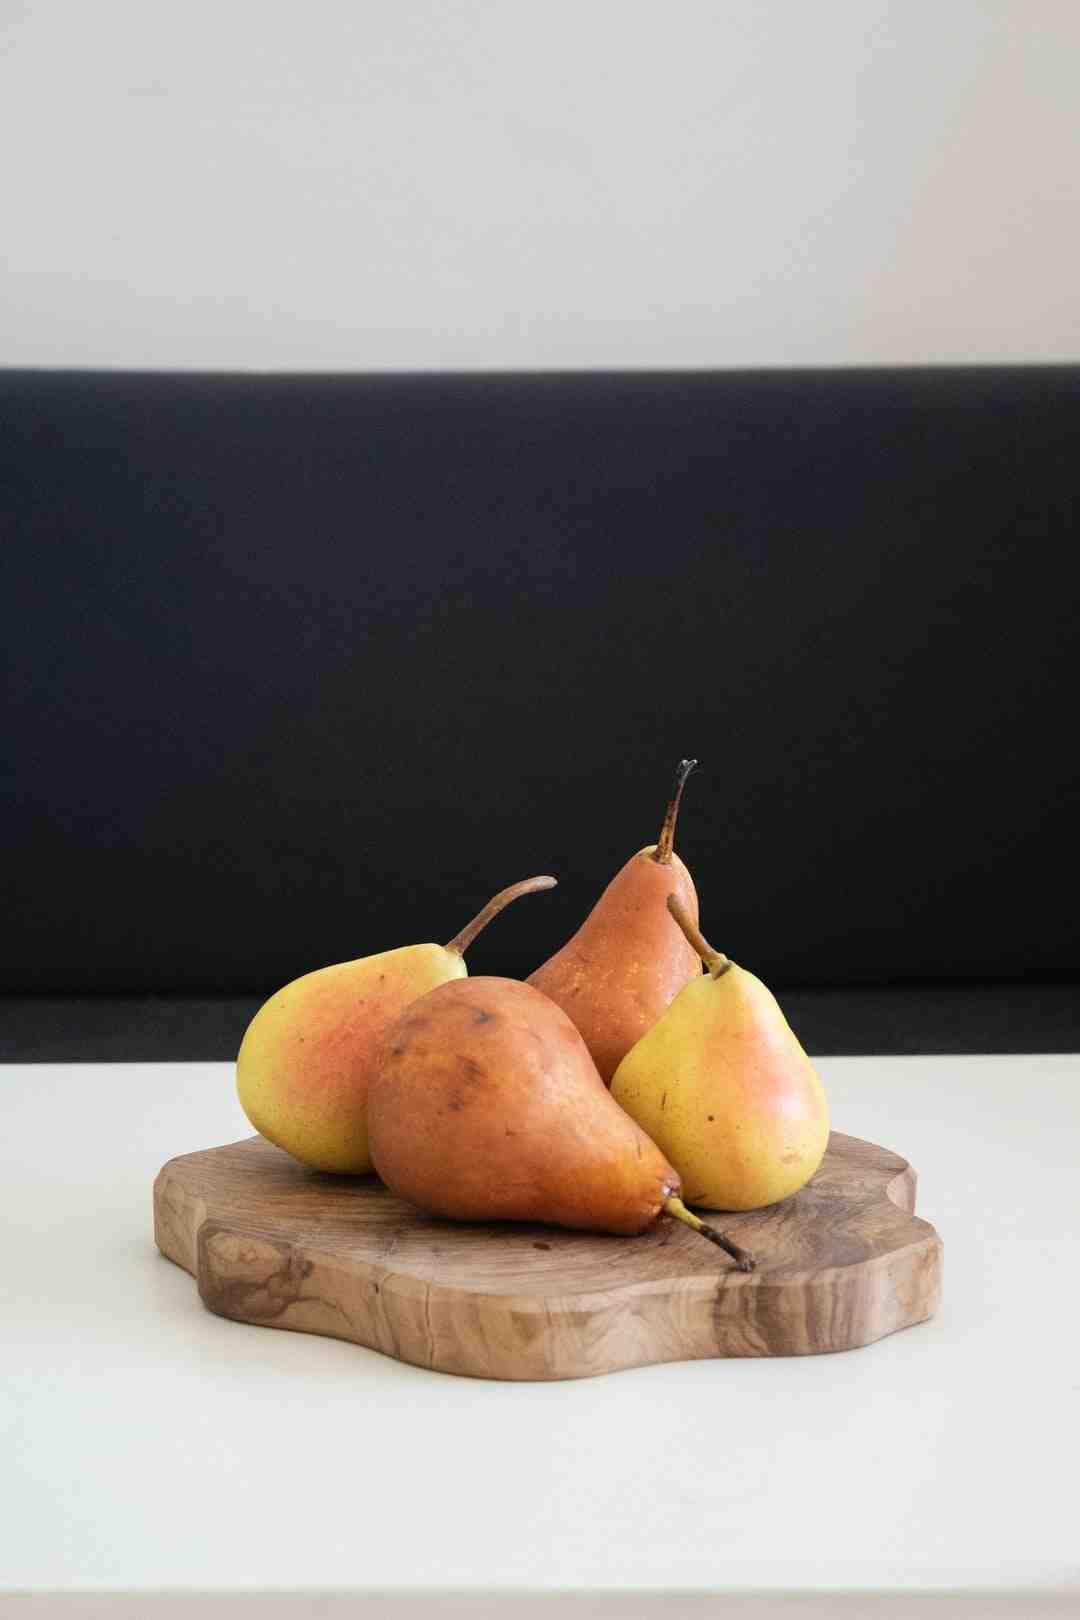 Comment pocher des poires